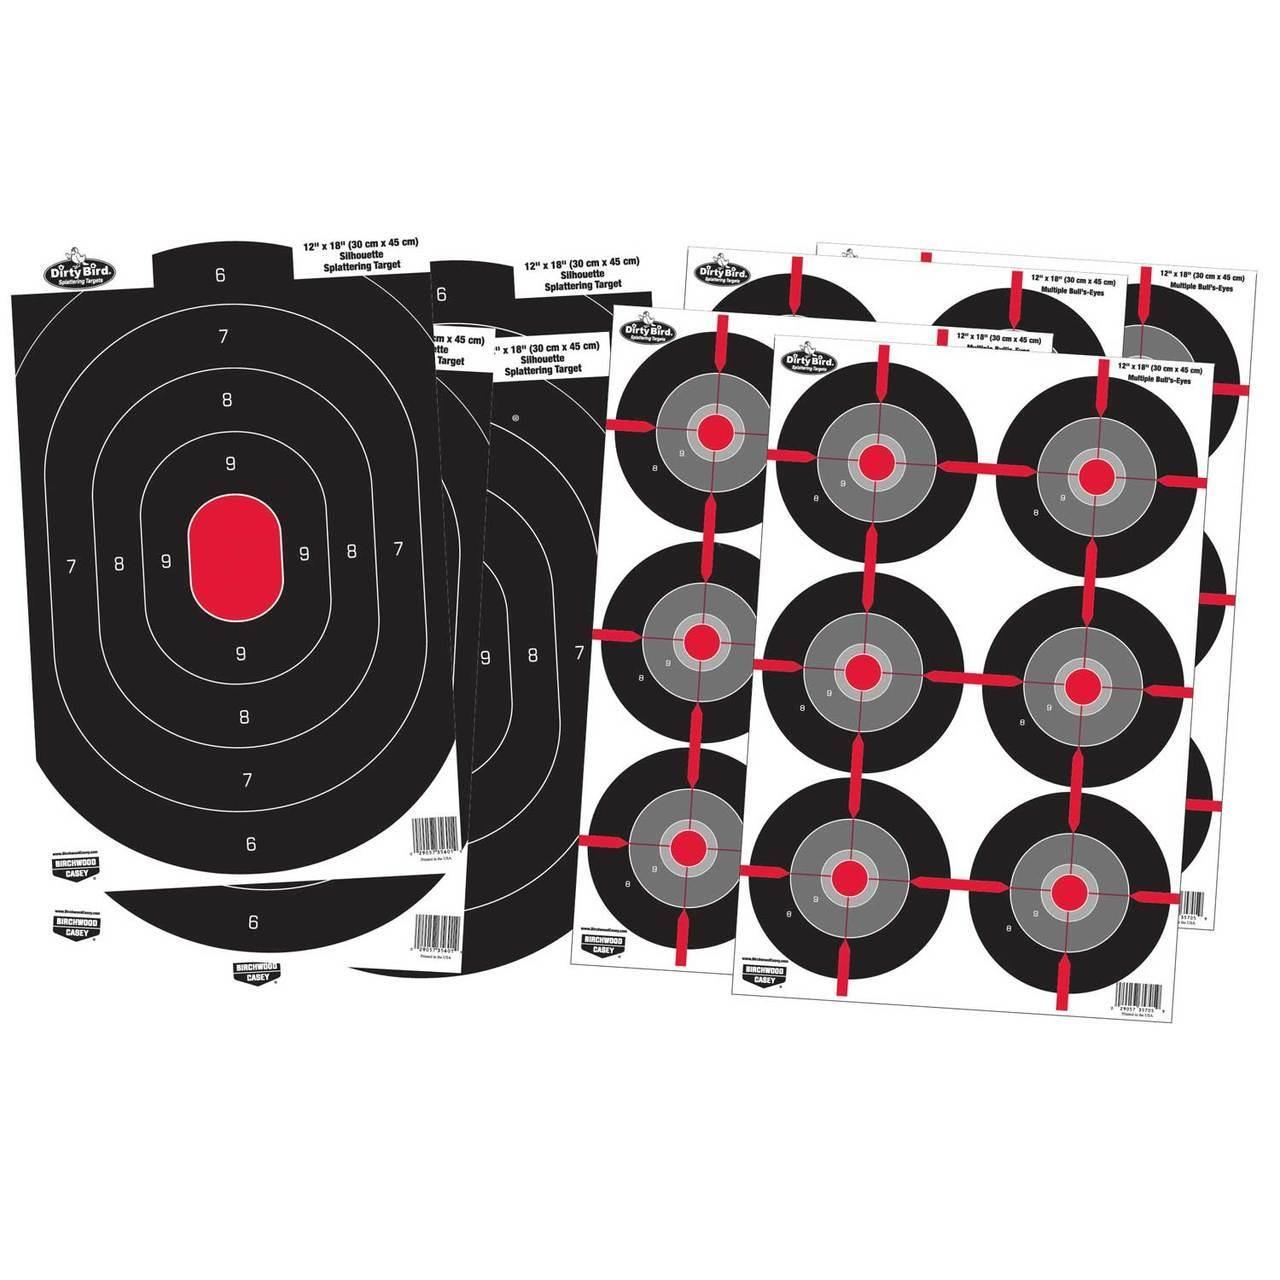 """Birchwood Casey Birchwood Casey Dirty Bird Splattering Targets Combo Pack 12""""x18"""" Silhouette (4-Pack) 12""""x18"""" Multi-Bullseye Targets 12""""x18"""" (4-Pack)"""